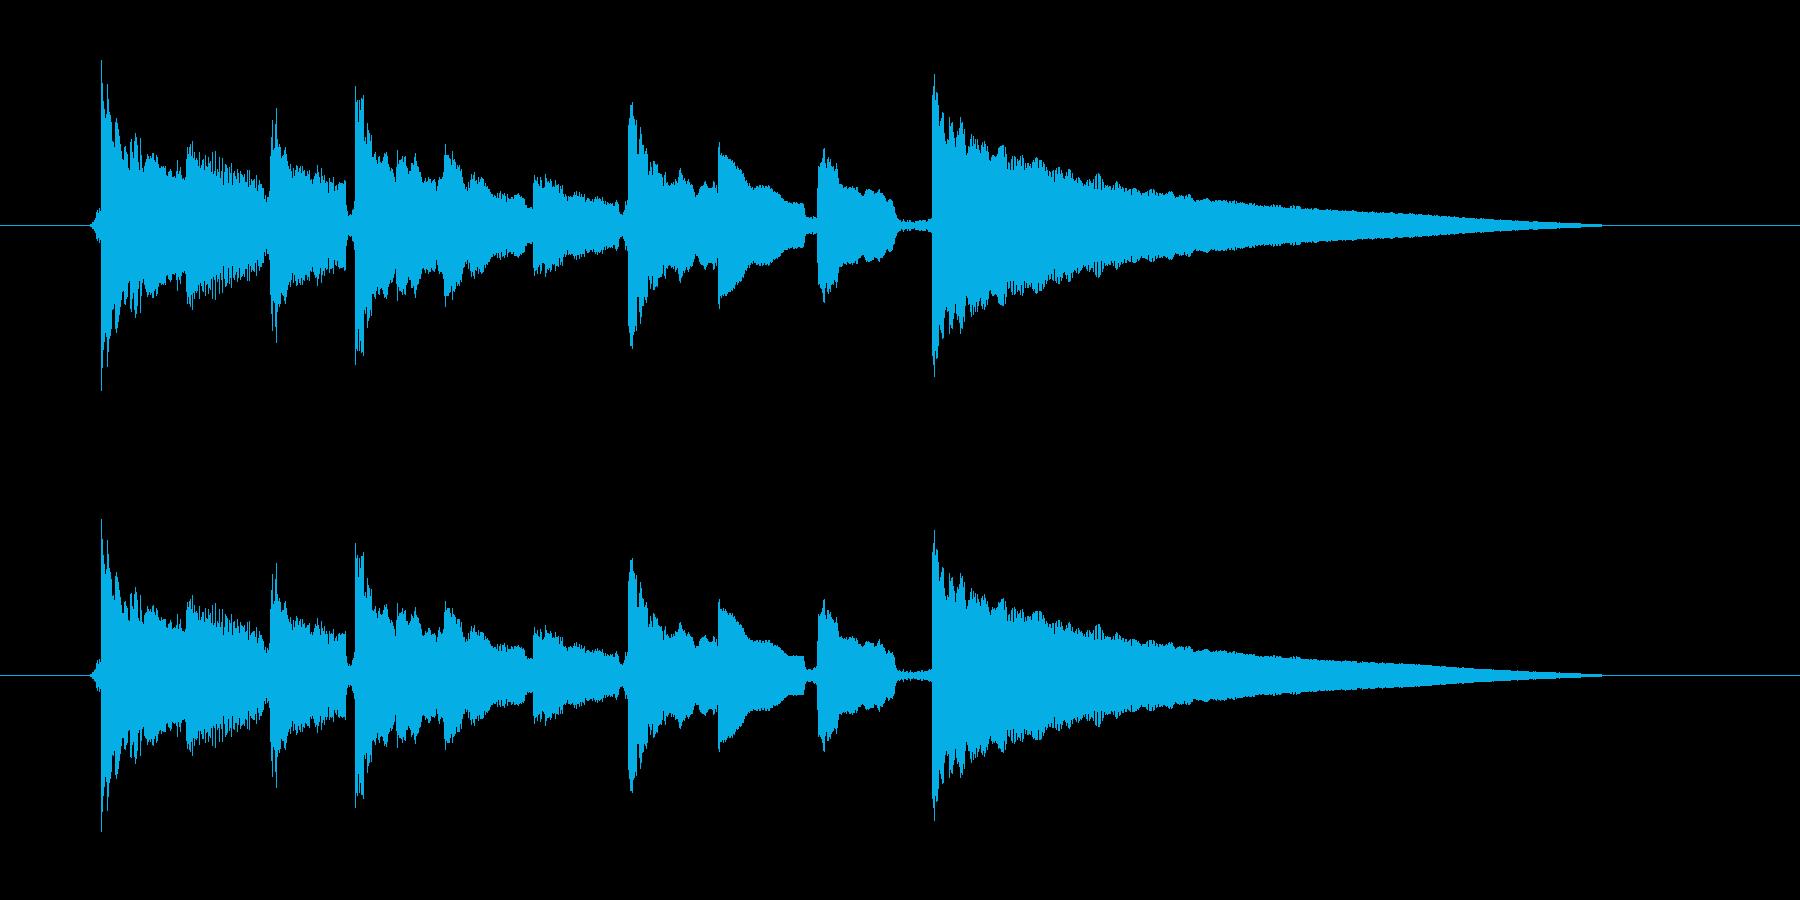 ゆっくりしたギター弦を弾くの音の再生済みの波形